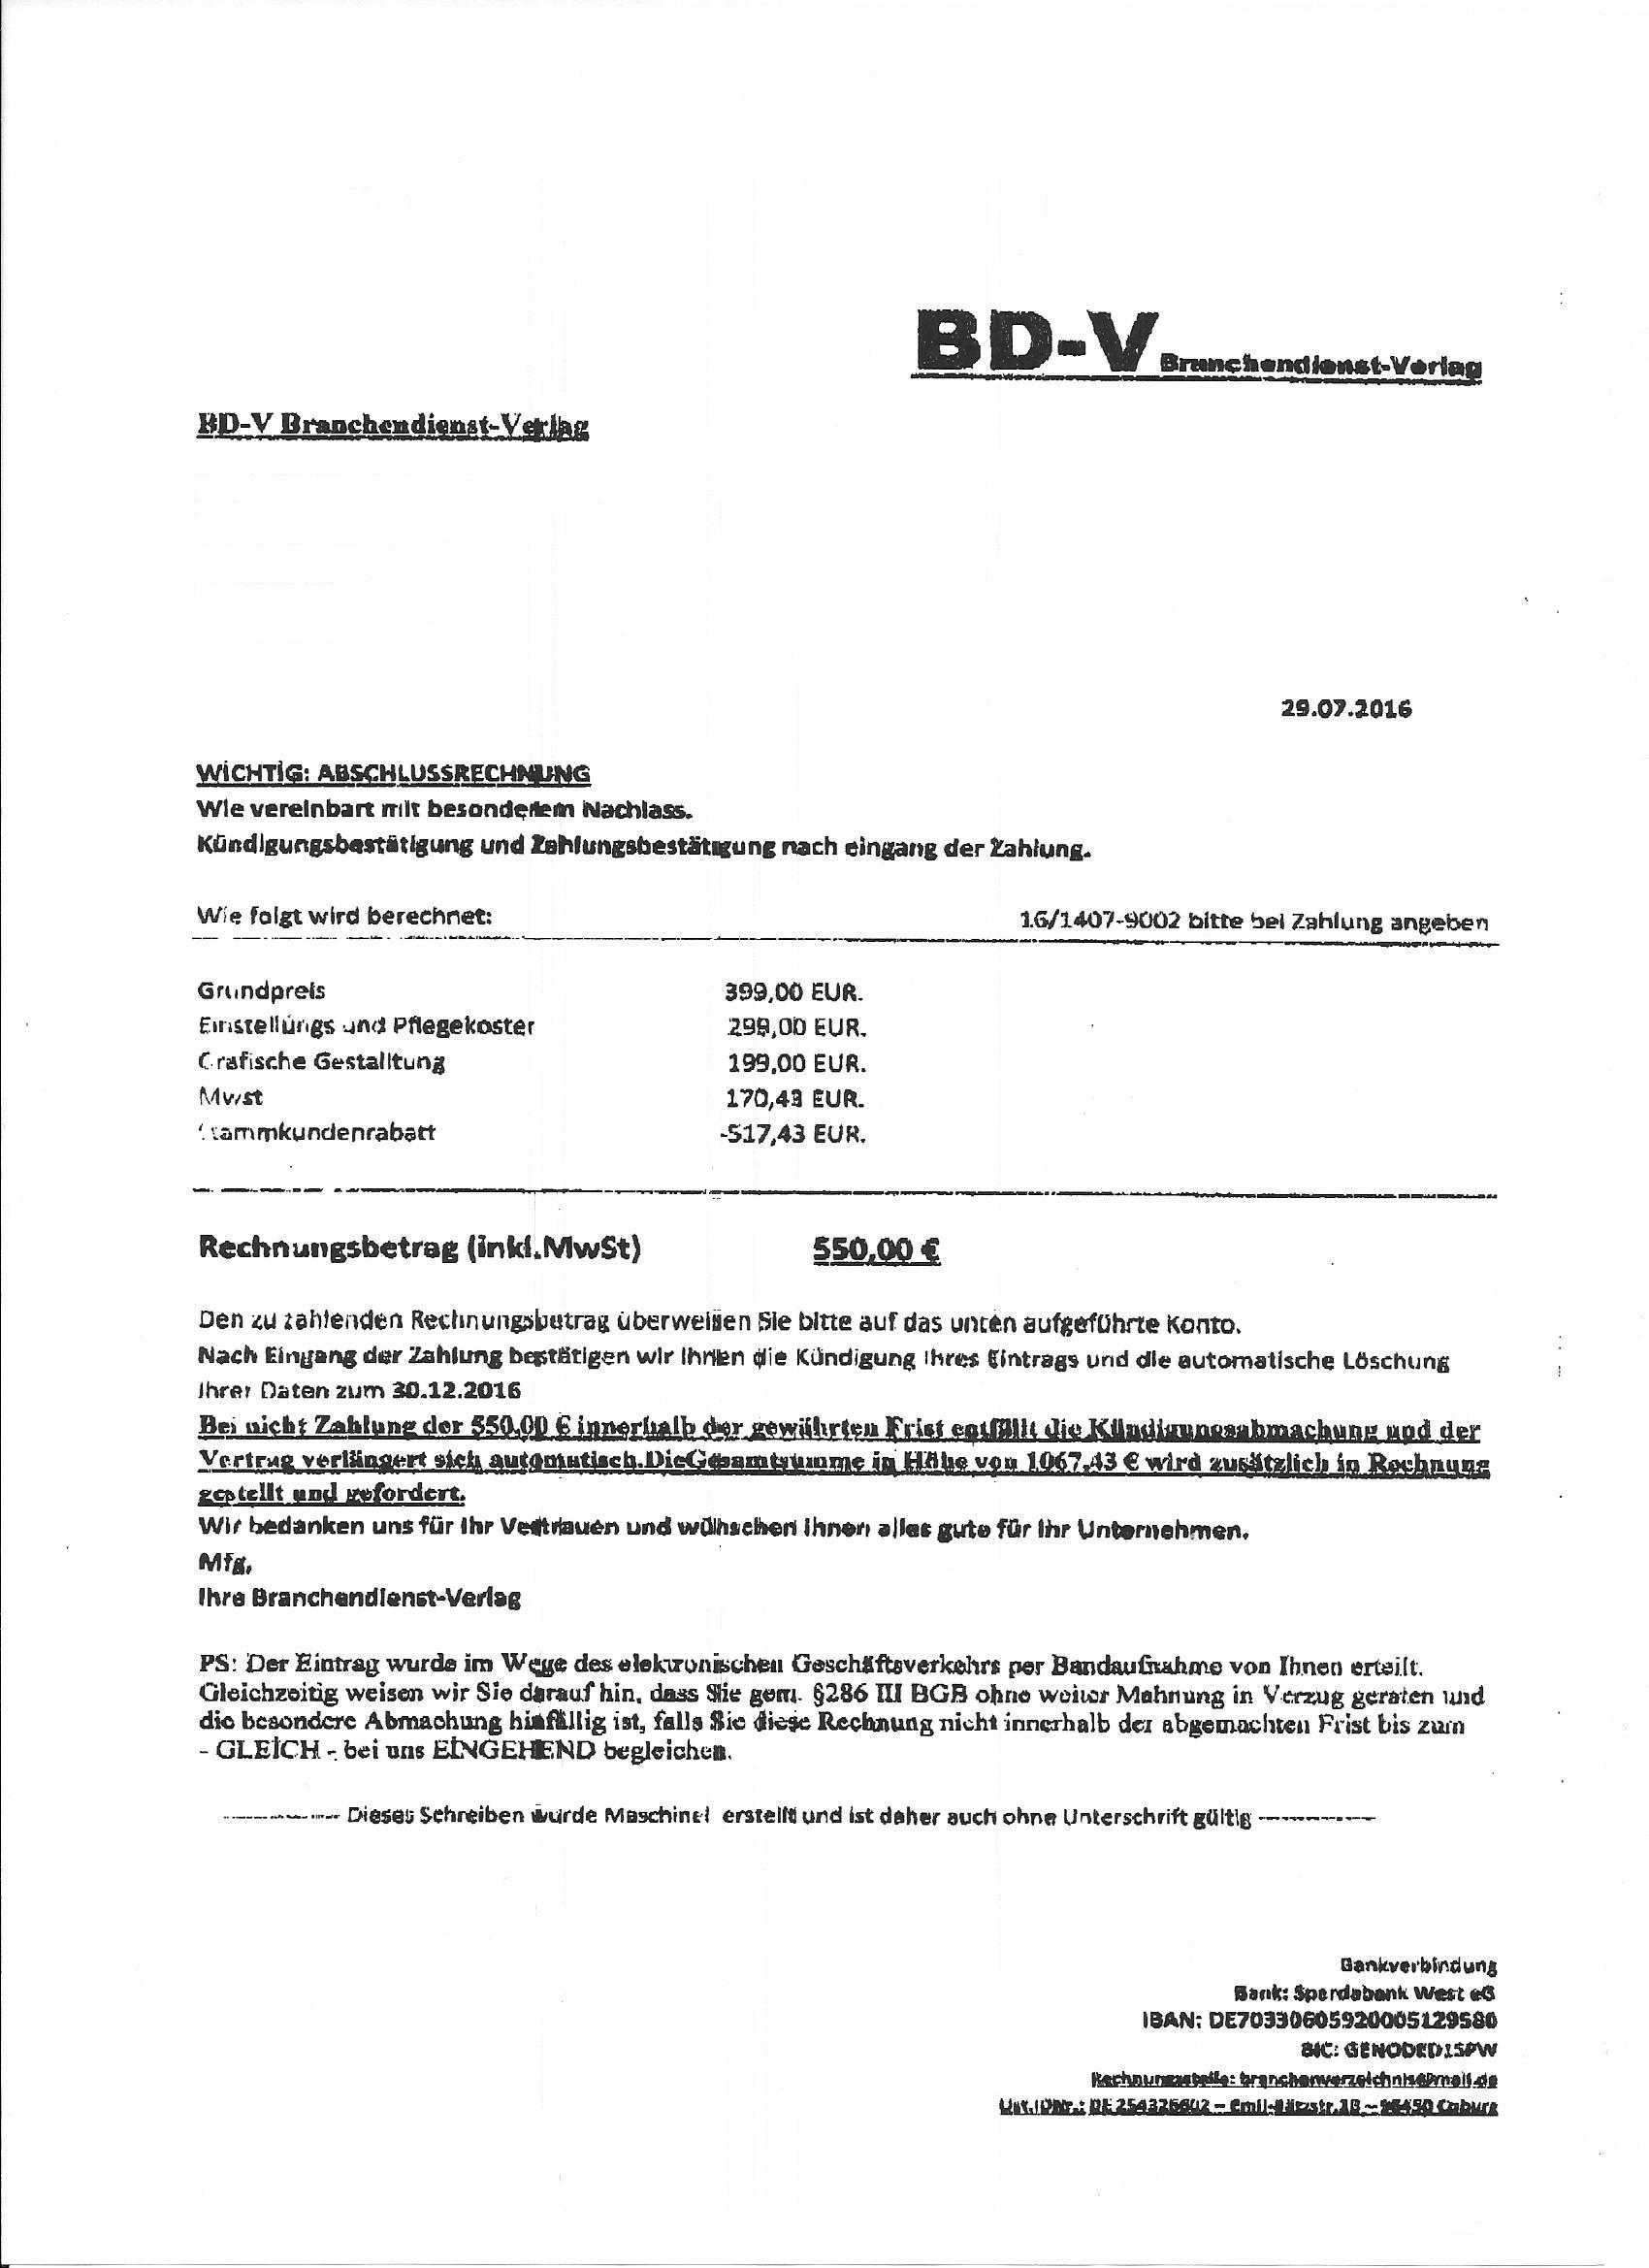 bd-v-branchendienst-verlag-jpg.jpg